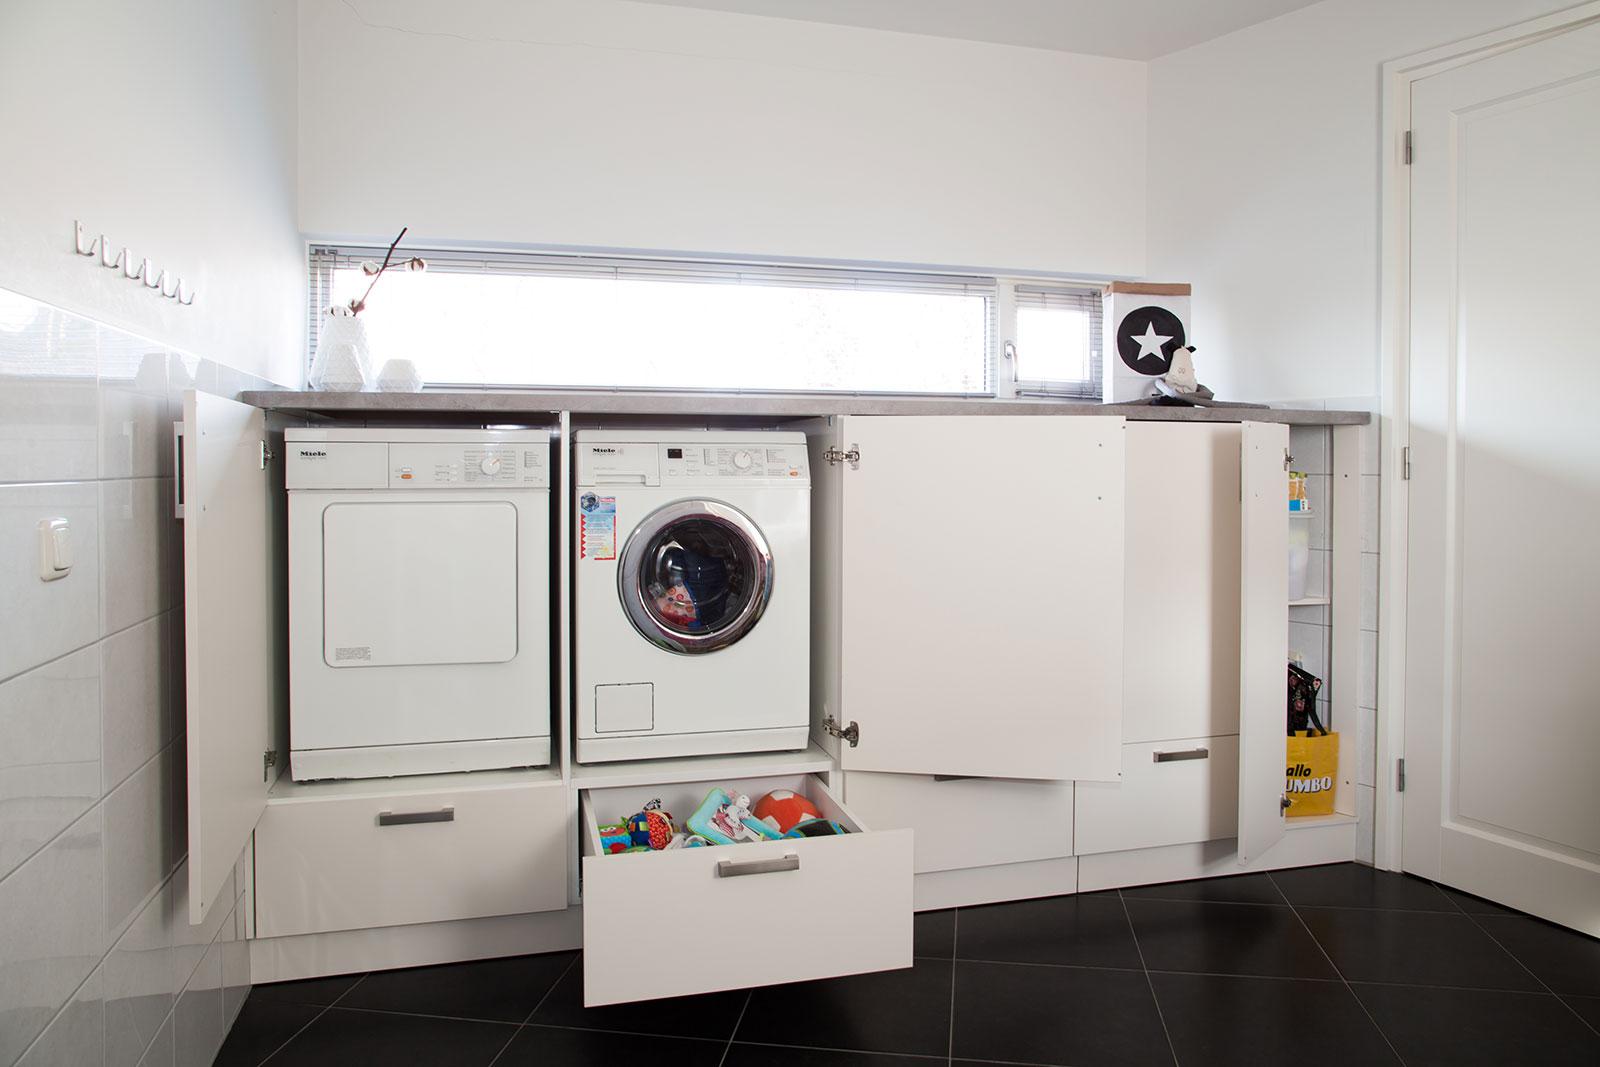 Wasmachine Kast Leenbakker : Ikea wasmachine verhoger rullbord ikea latest latest best ikea